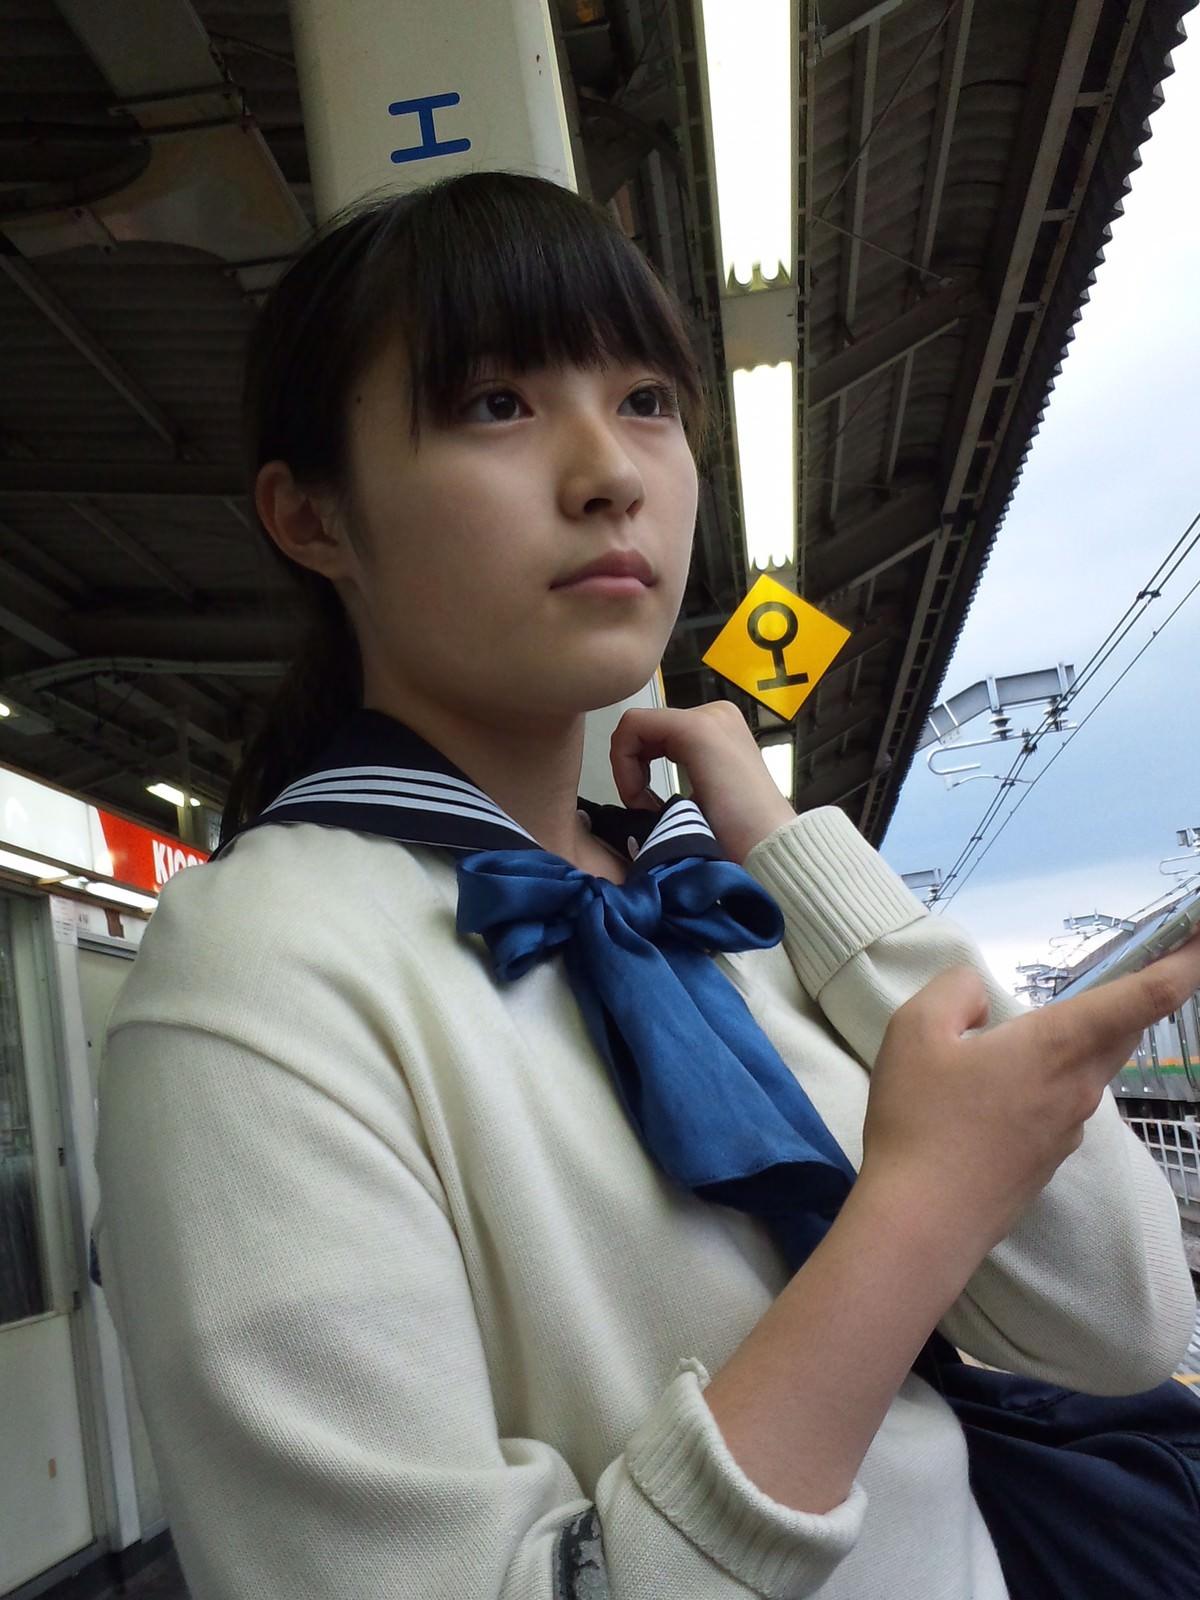 電車にエチエチな制服JKいるけどハレンチすぎない?????? kKBAugA